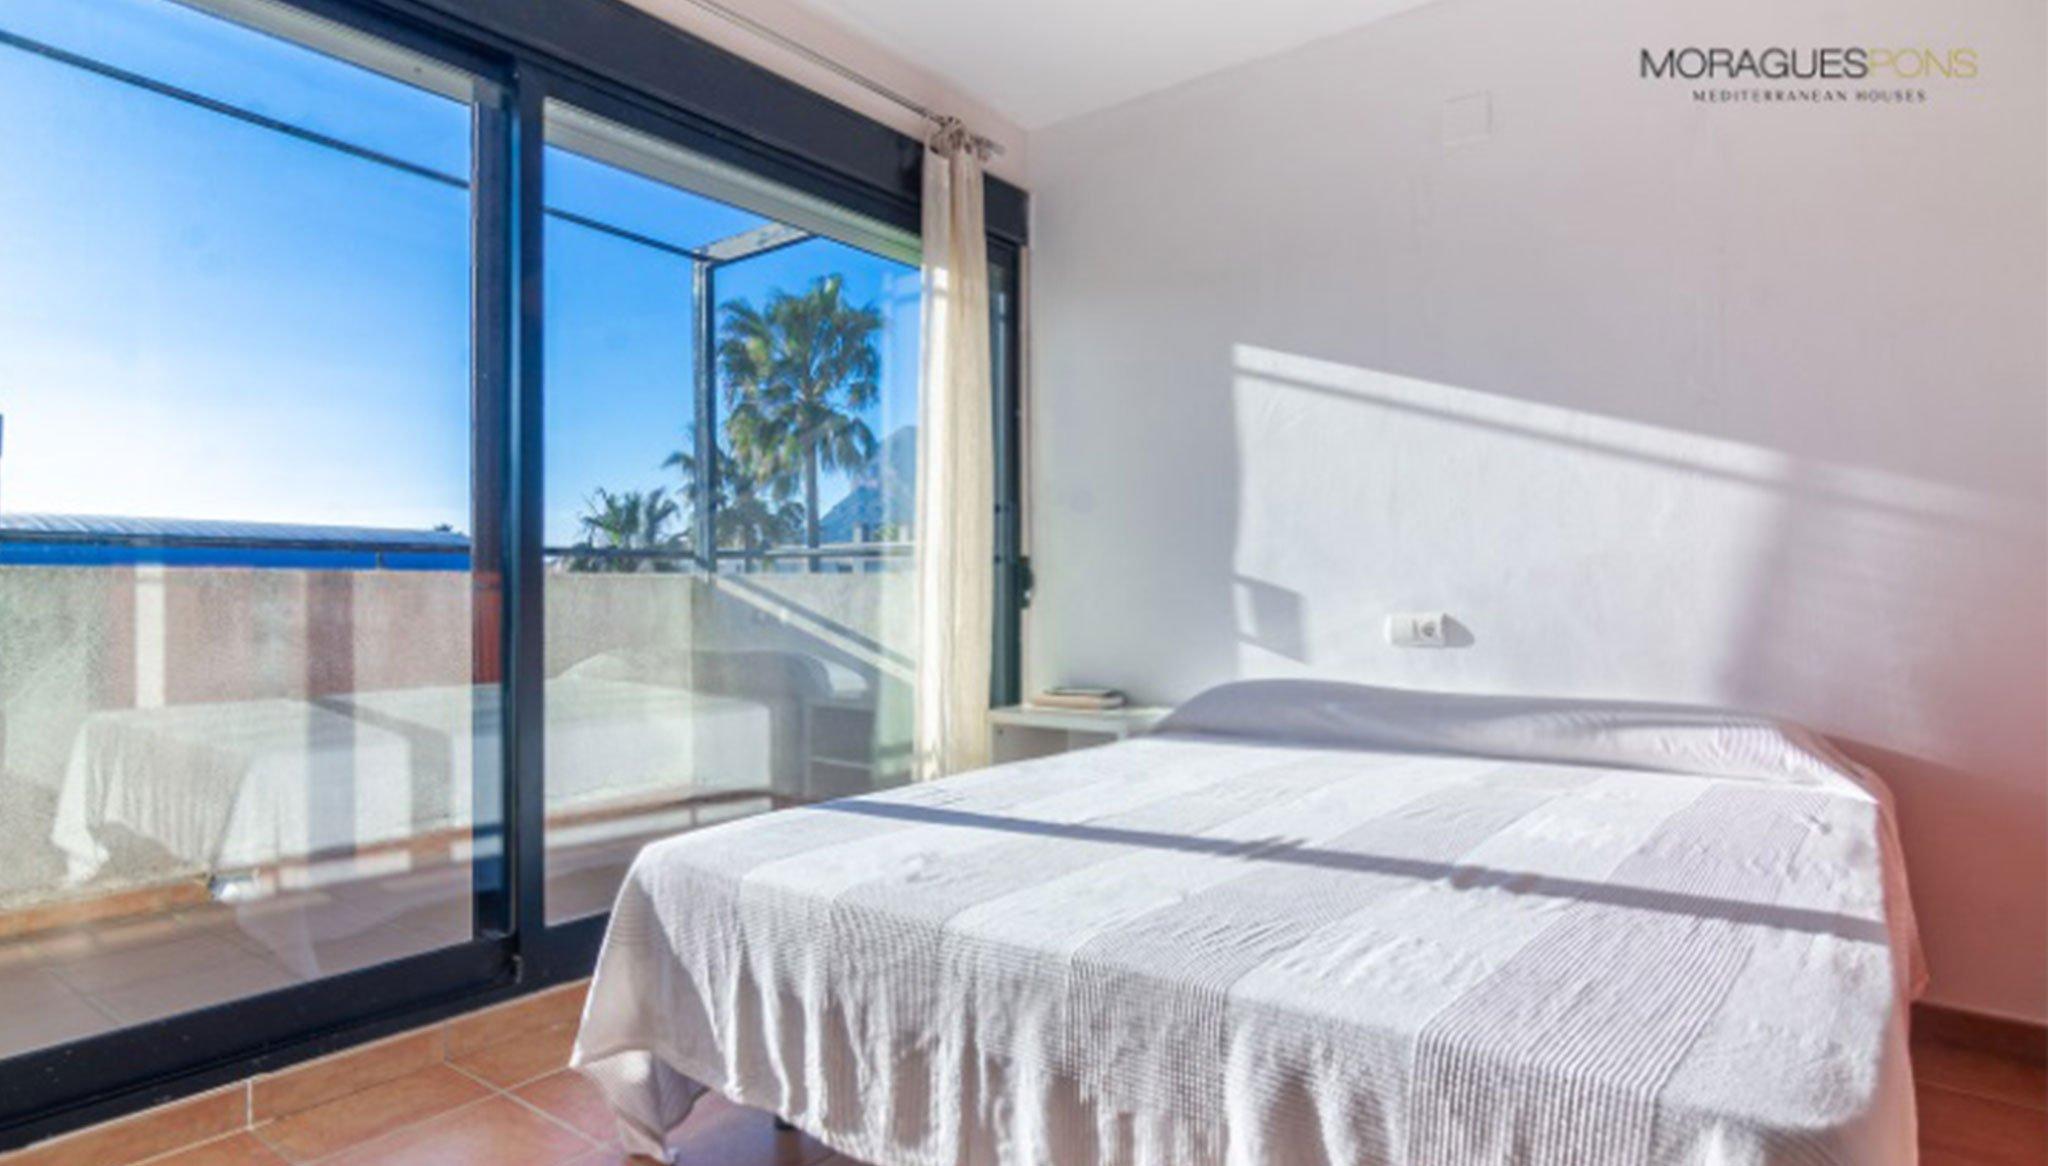 Habitación principal de un adosado en venta en Jávea – MORAGUESPONS Mediterranean Houses